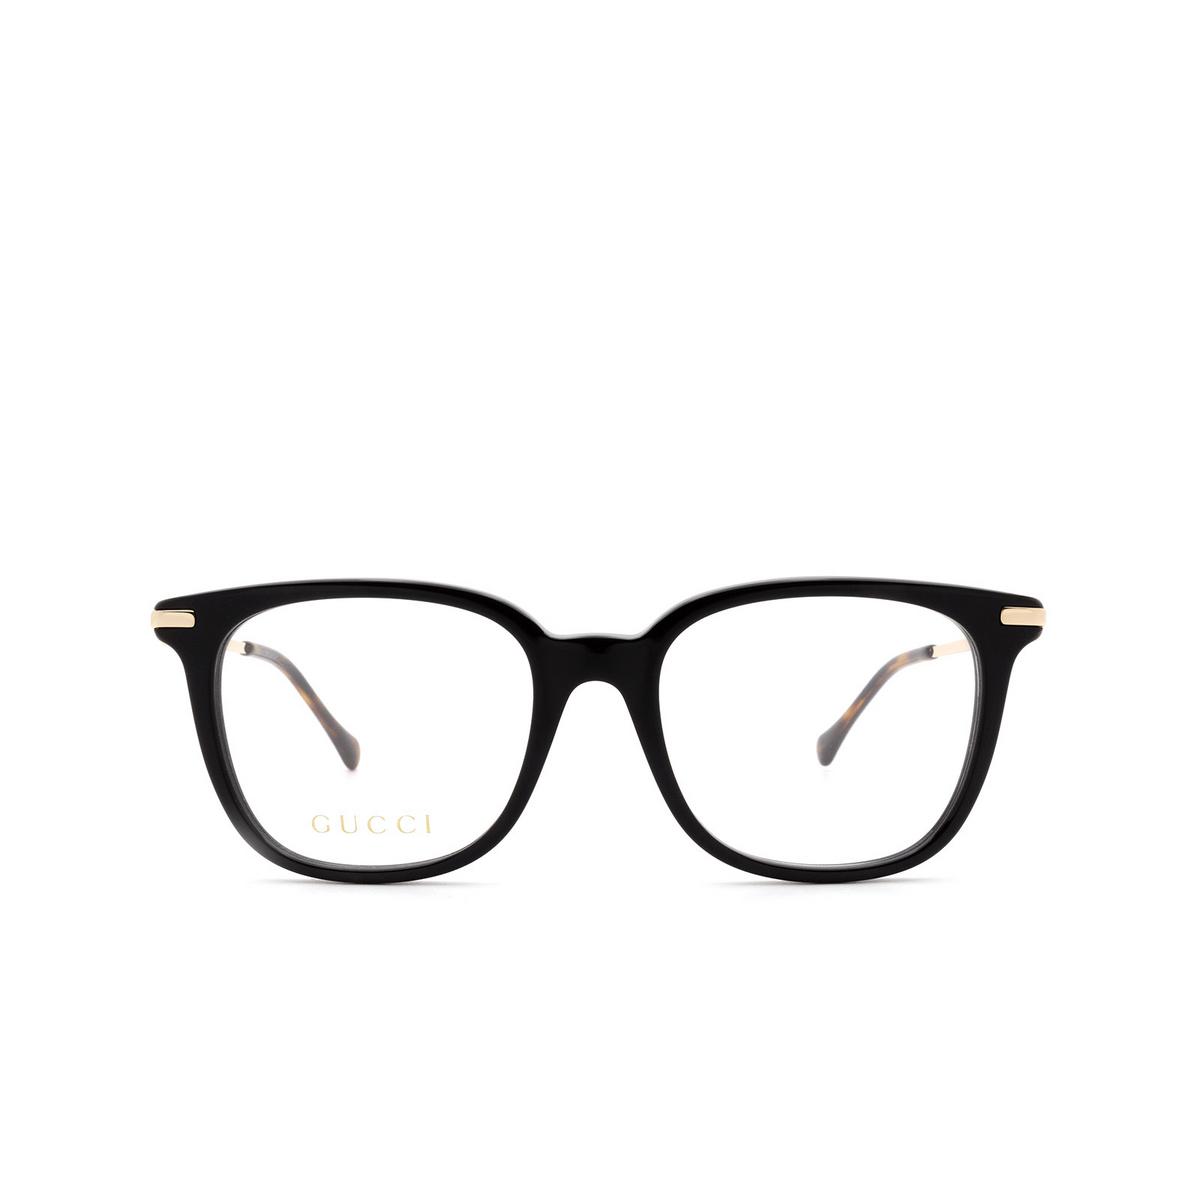 Gucci® Square Eyeglasses: GG0968O color Black 001.